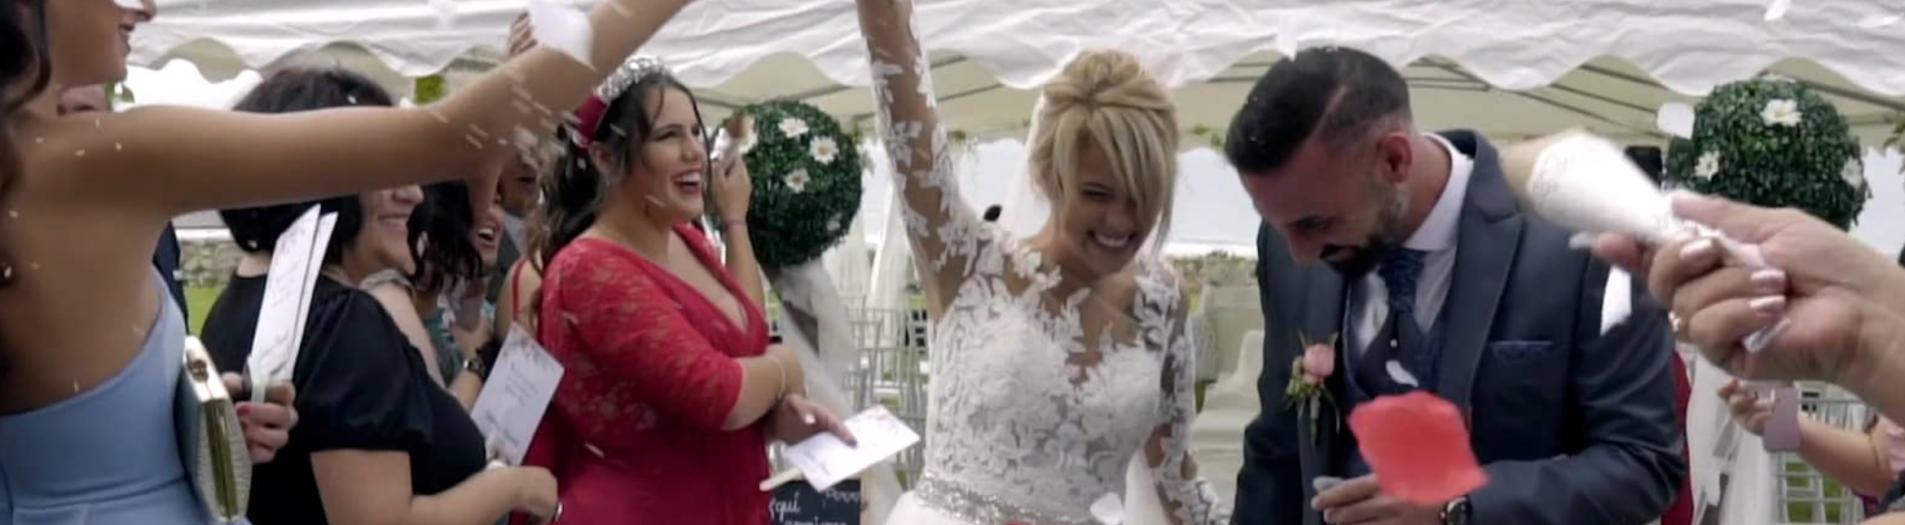 Trailer boda Laura y Daniel en Conil